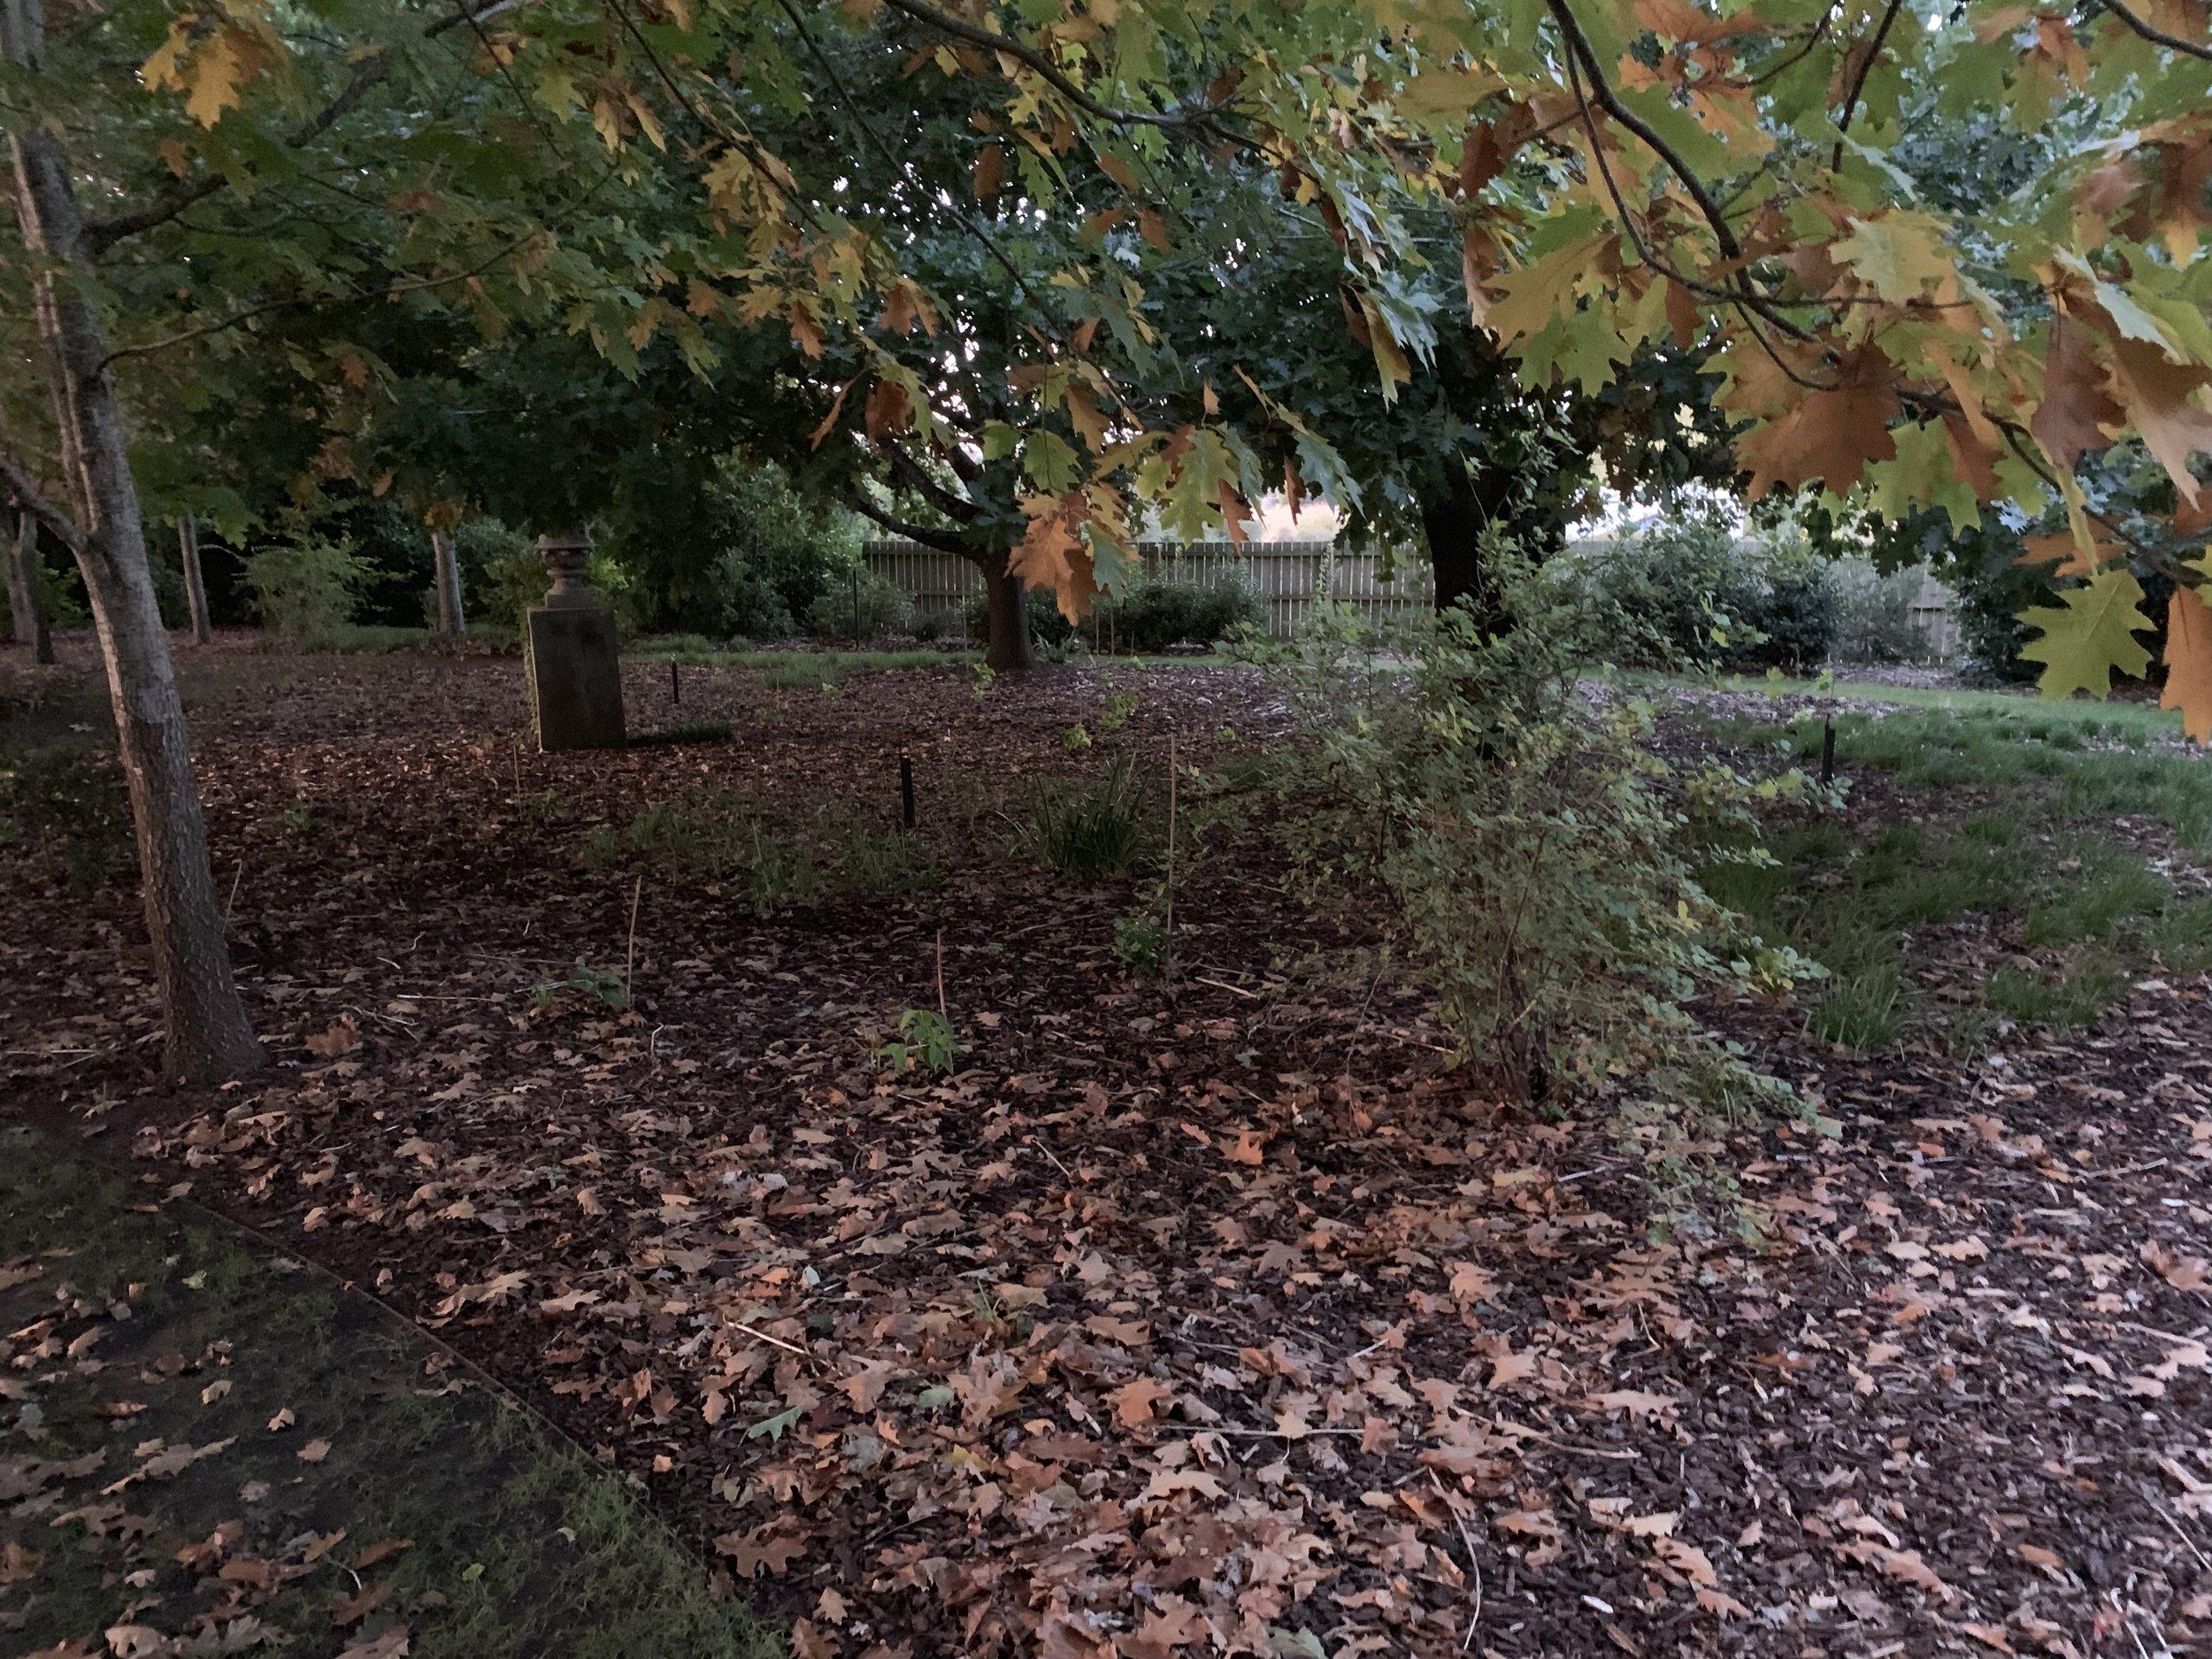 muskfarm_english_garden_acorn_tree_IMG_0028.jpeg